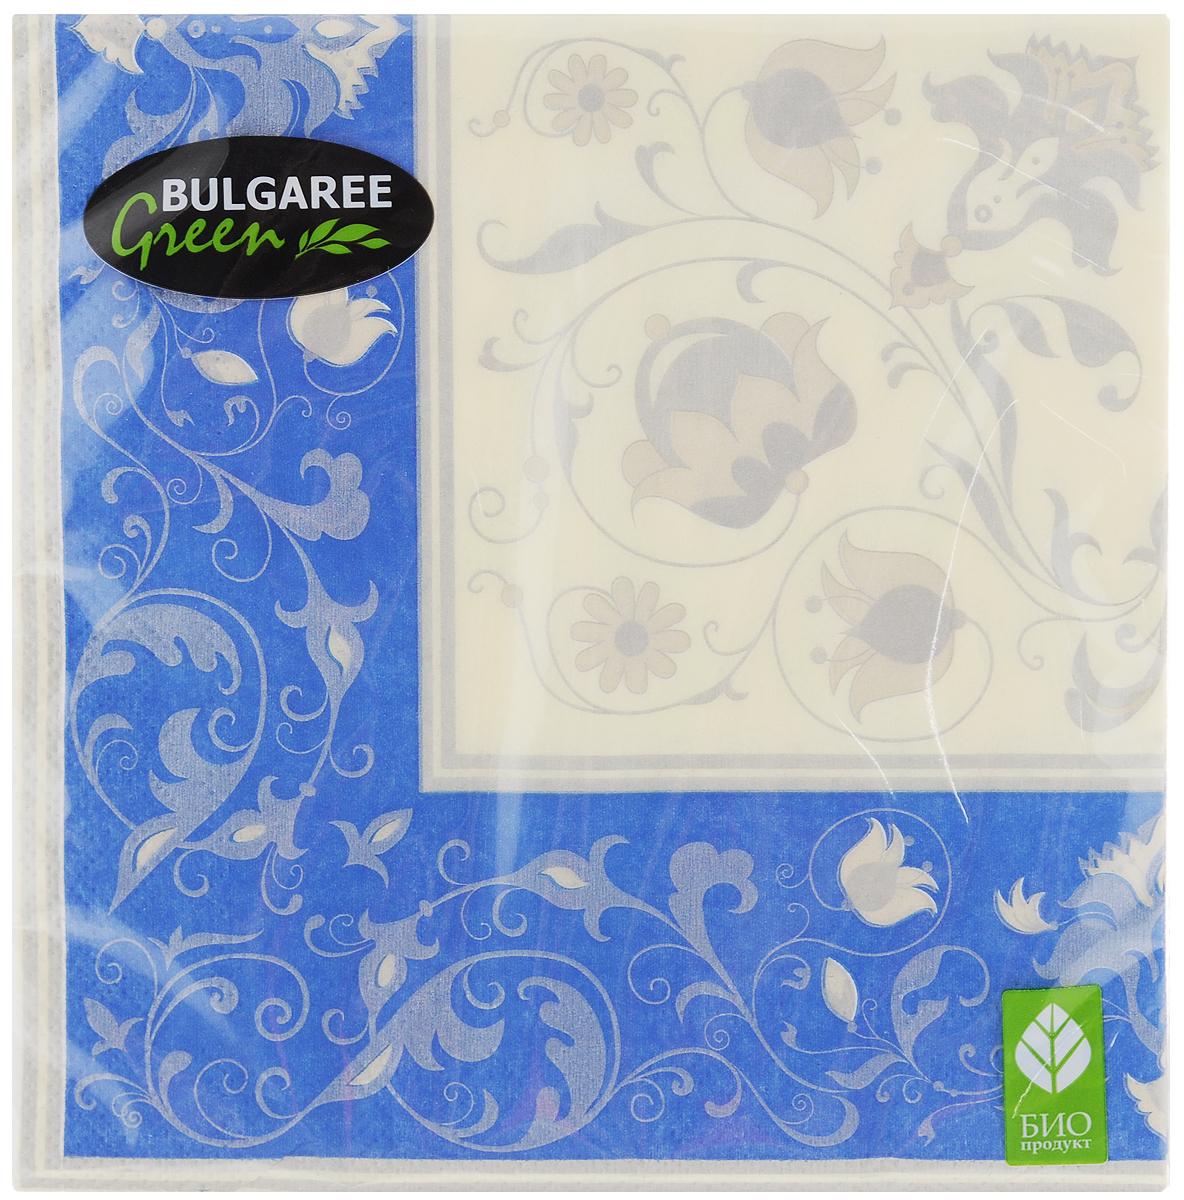 Салфетки бумажные Bulgaree Green Белла, трехслойные, 33 х 33 см, 20 шт19199Трехслойные салфетки Bulgaree Green Белла выполнены из 100%целлюлозы и оформлены красивым рисунком. Изделия станут отличным дополнением любого праздничного стола. Они отличаются необычной мягкостью, прочностью и оригинальностью.Размер салфеток в развернутом виде: 33 х 33 см.